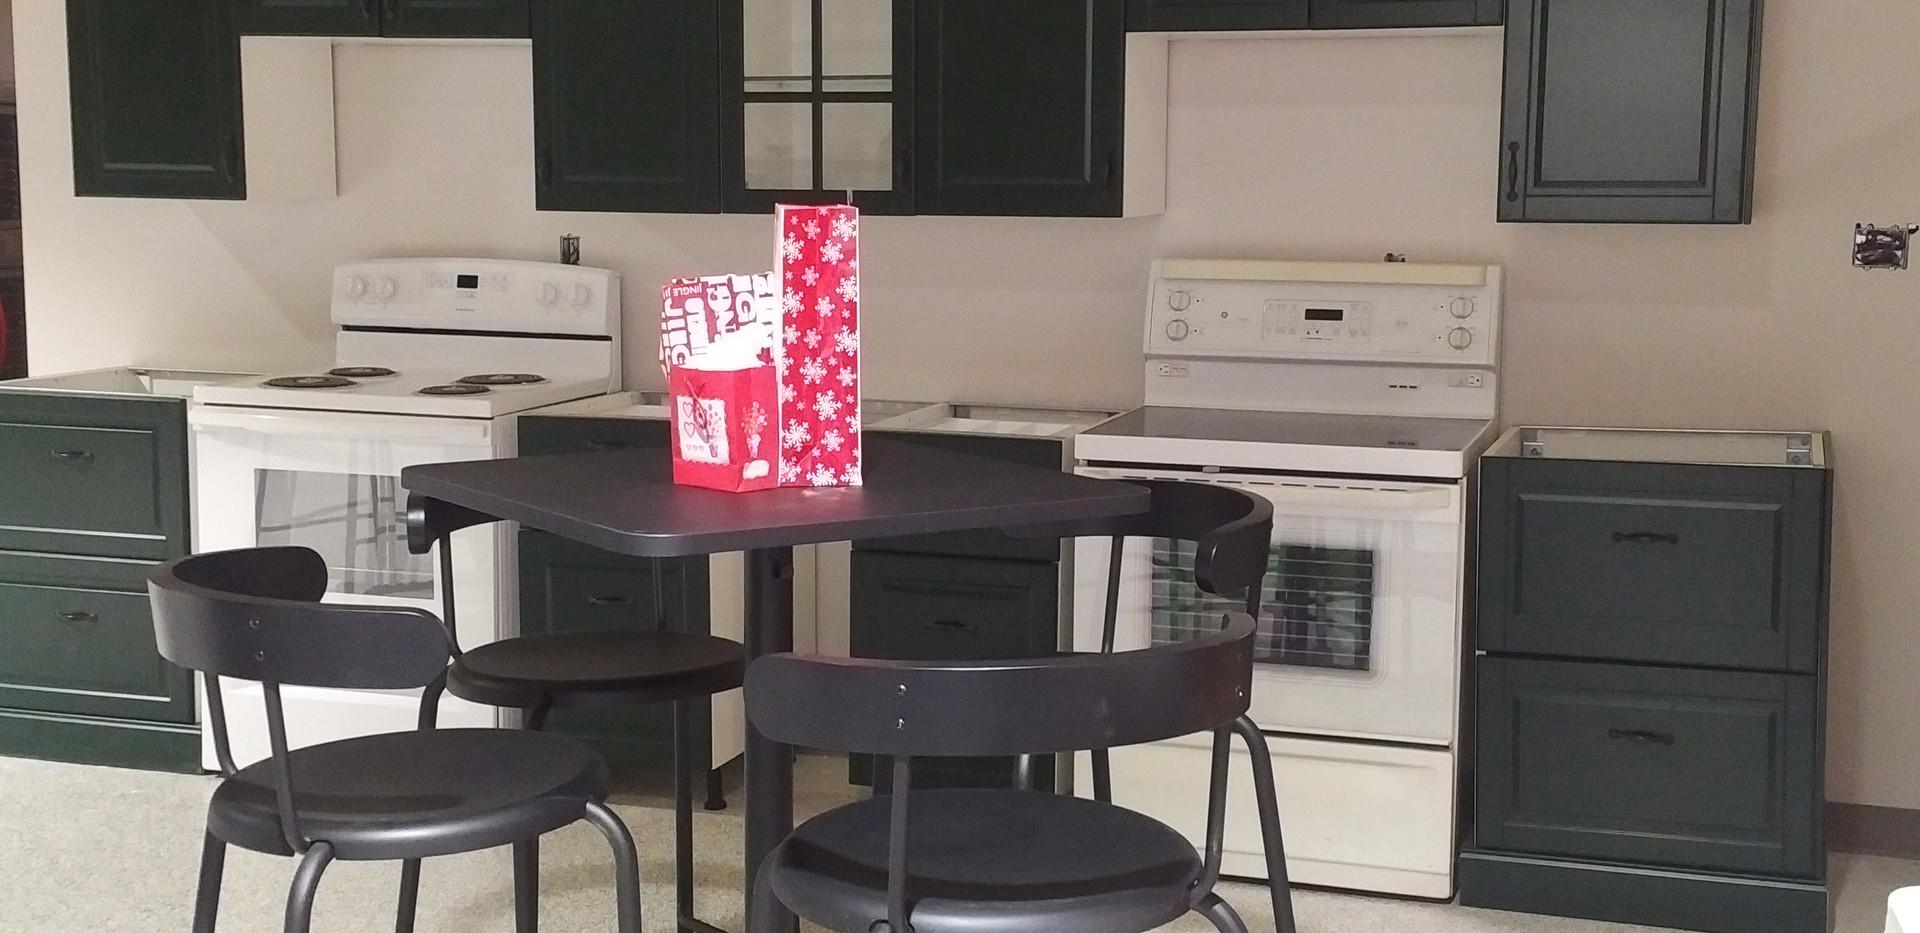 Teaching Kitchen Workstations.jpg